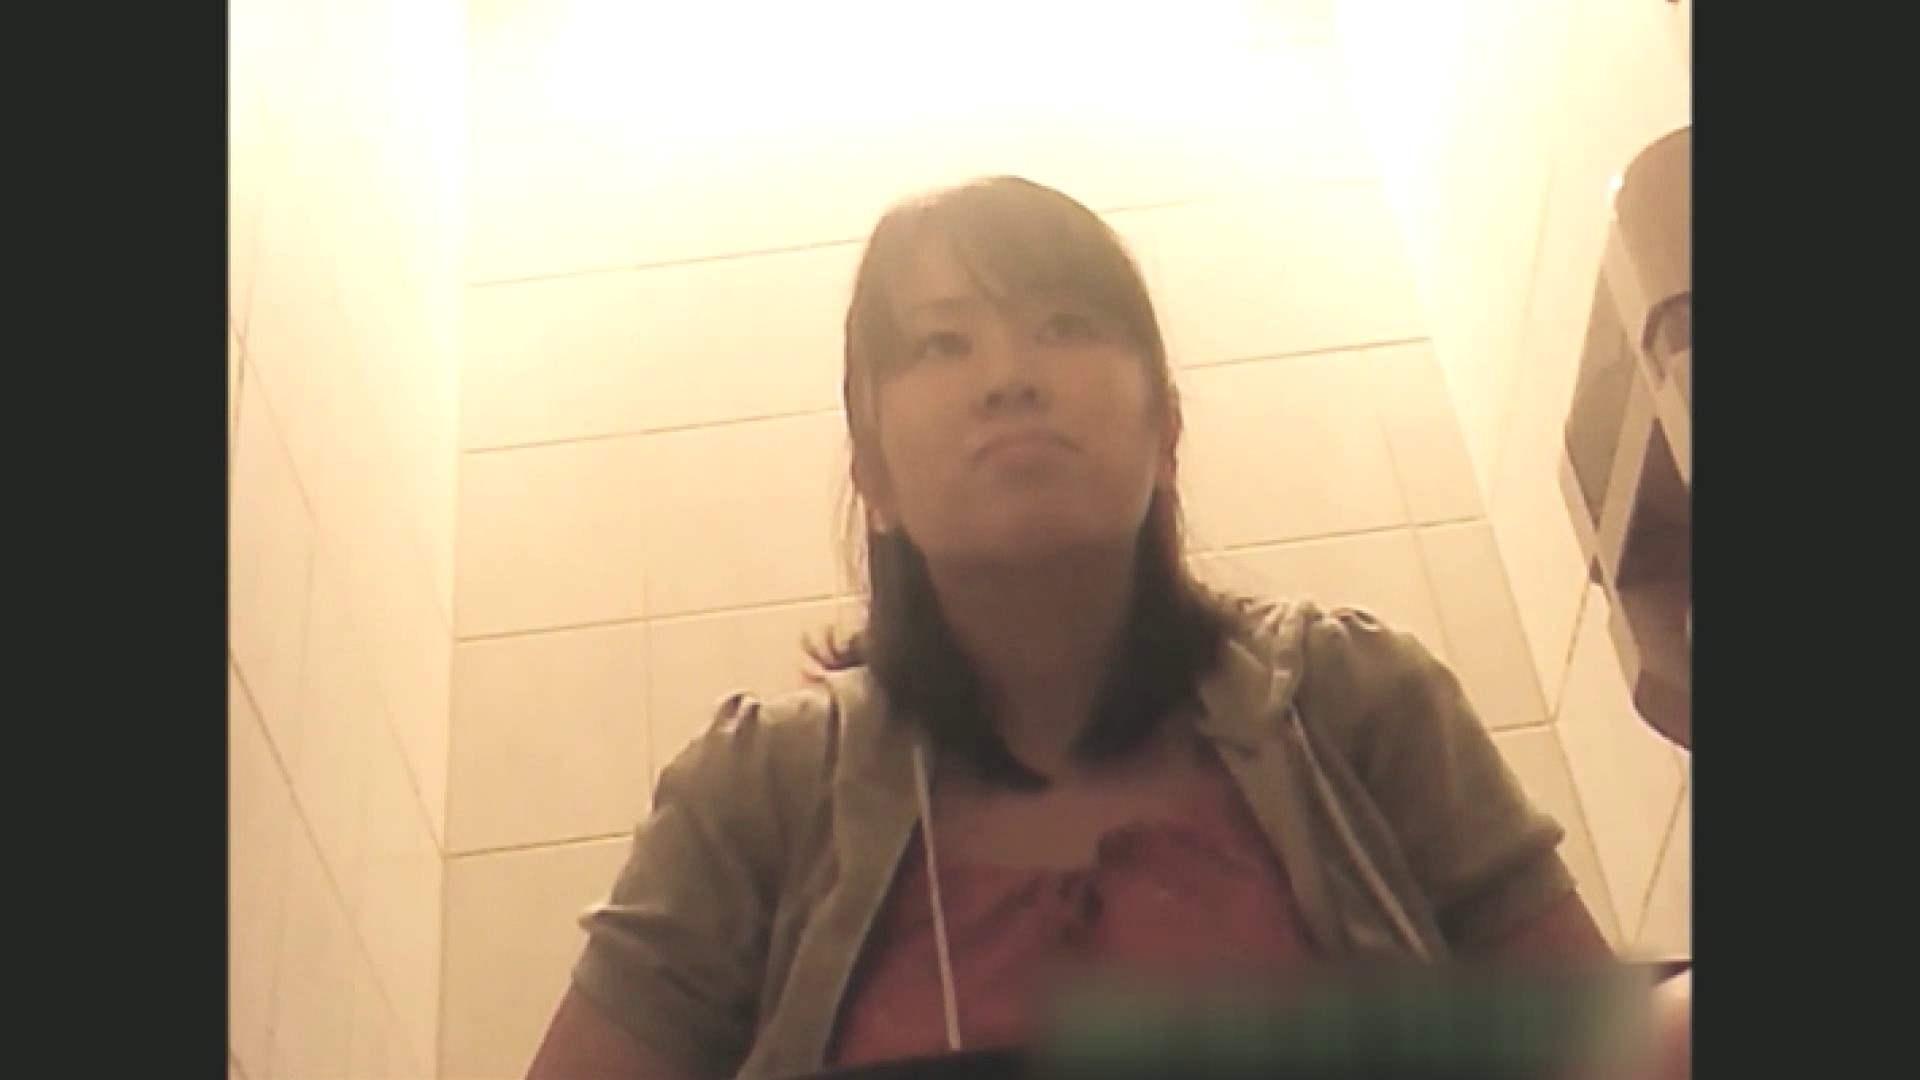 実録!!綺麗なお姉さんのトイレ事情・・・。vol.1 OL  28連発 17